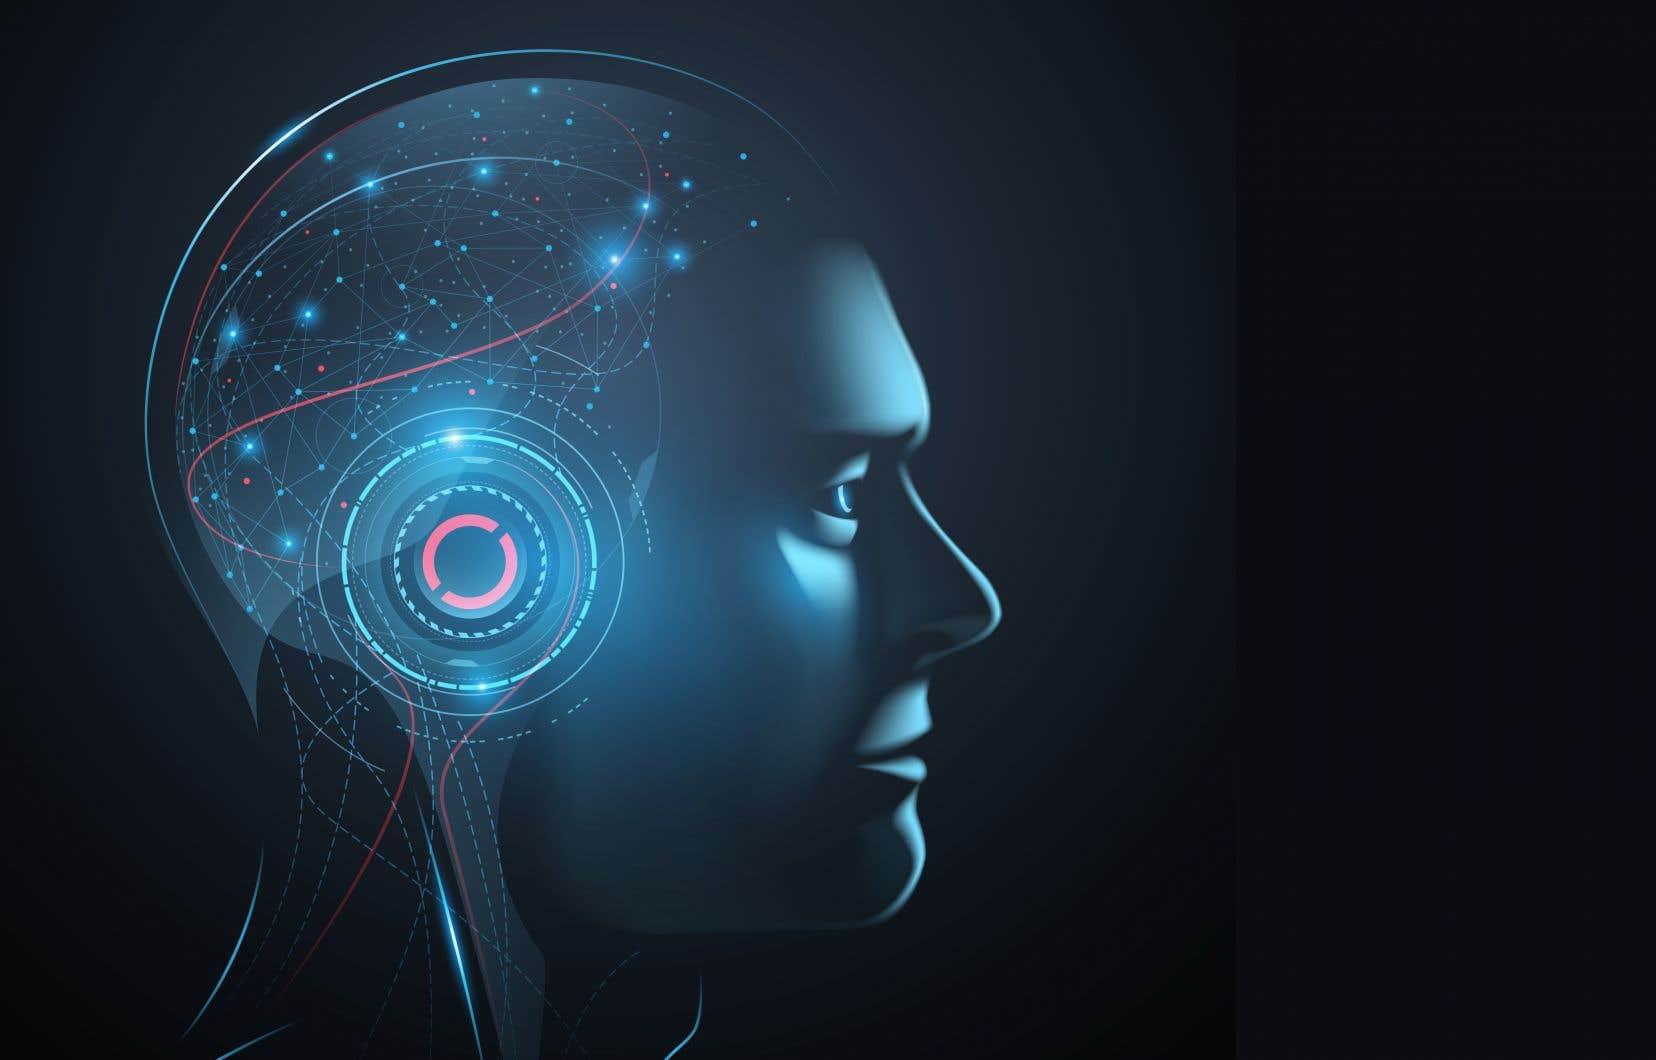 L'IA se compose d'algorithmes, mais ceux-ci ne sont pas neutres. Ils sont programmés et fournis en données par des humains, eux-mêmes susceptibles d'avoir des partis pris conscients ou inconscients.